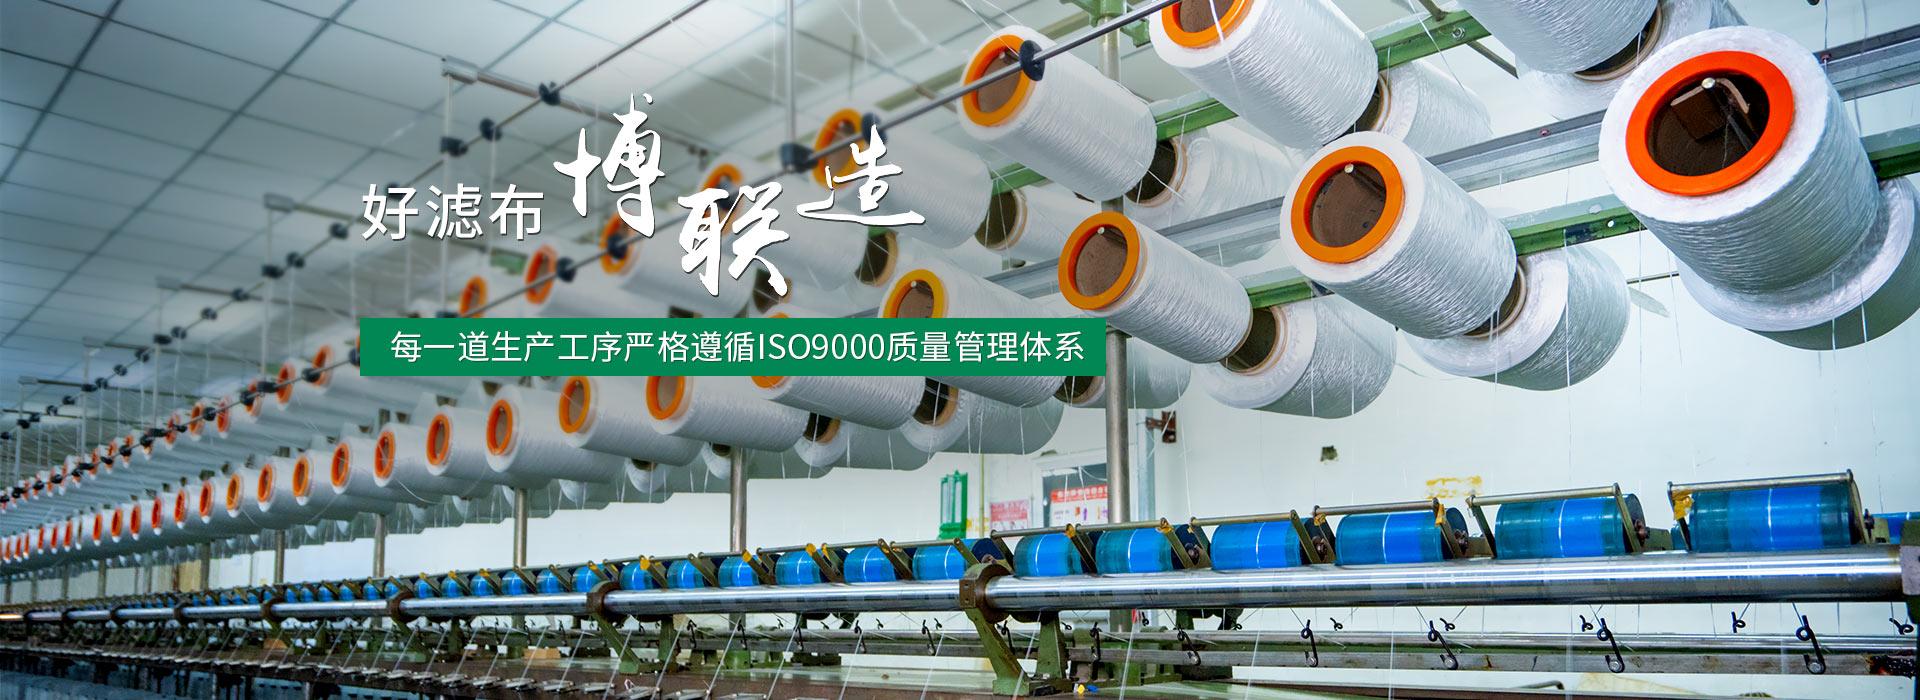 博联 每一道生产工序严格遵循ISO9000质量管理体系